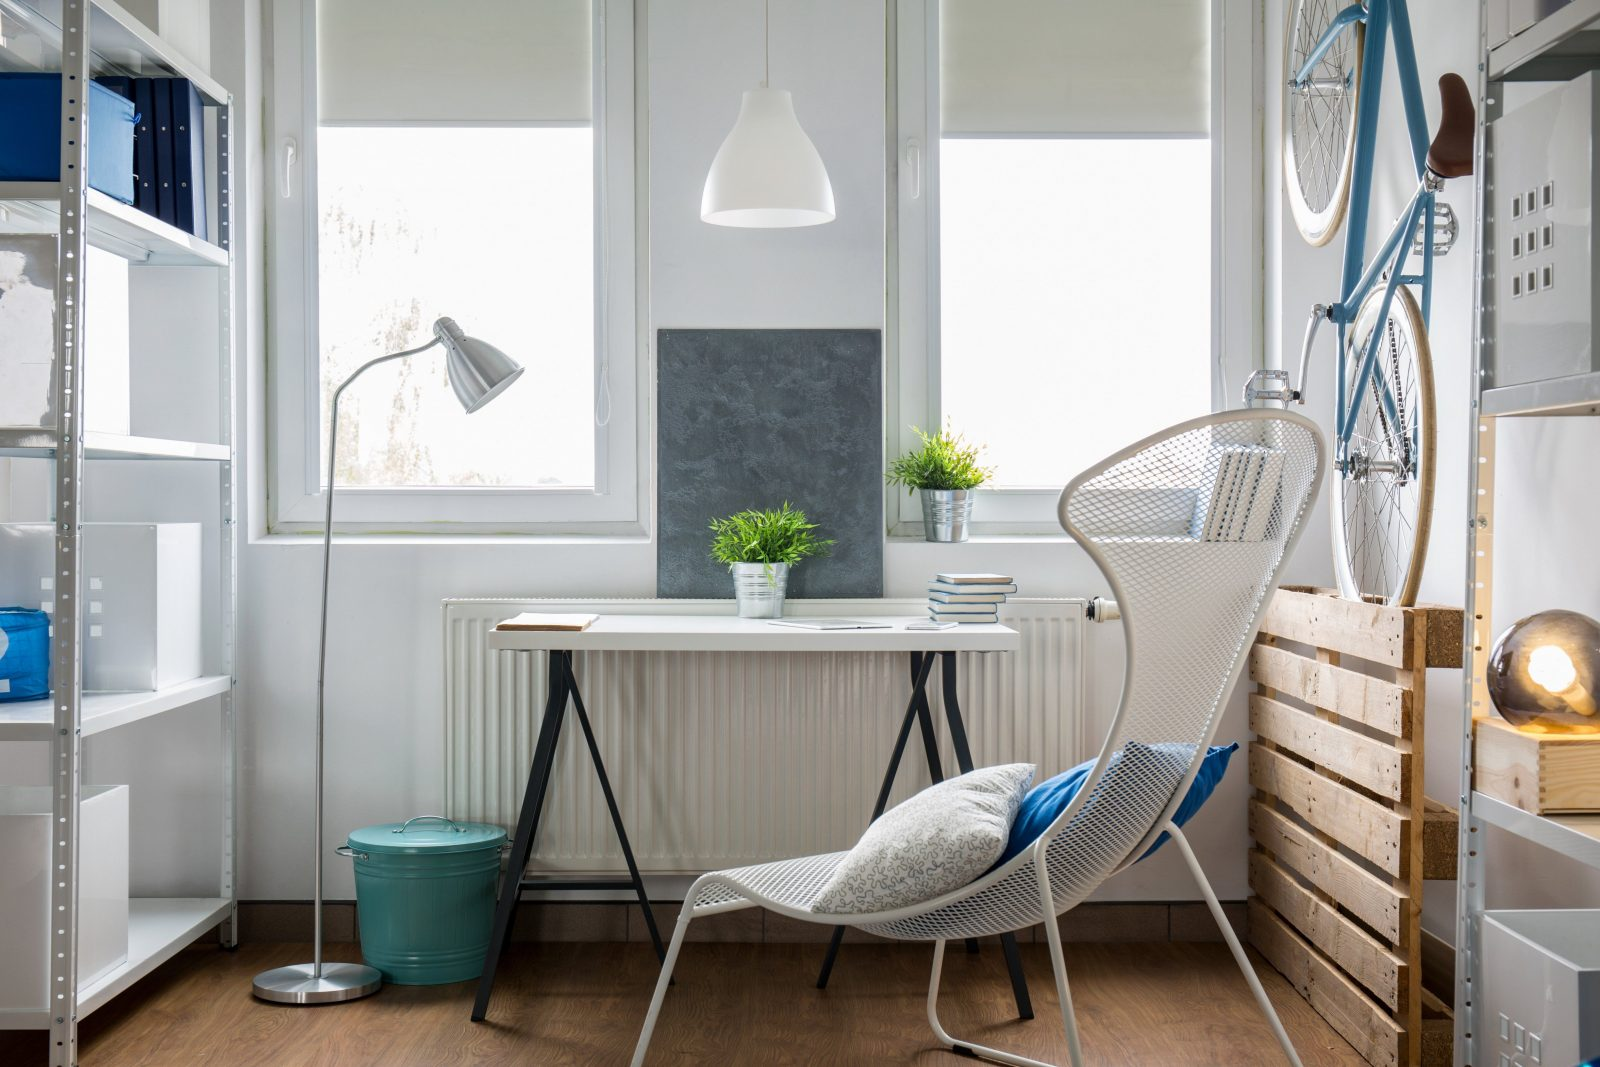 Kleine Räume Platzsparend Einrichten Verblüffend Einfach Mehr von Kleine Räume Geschickt Einrichten Photo